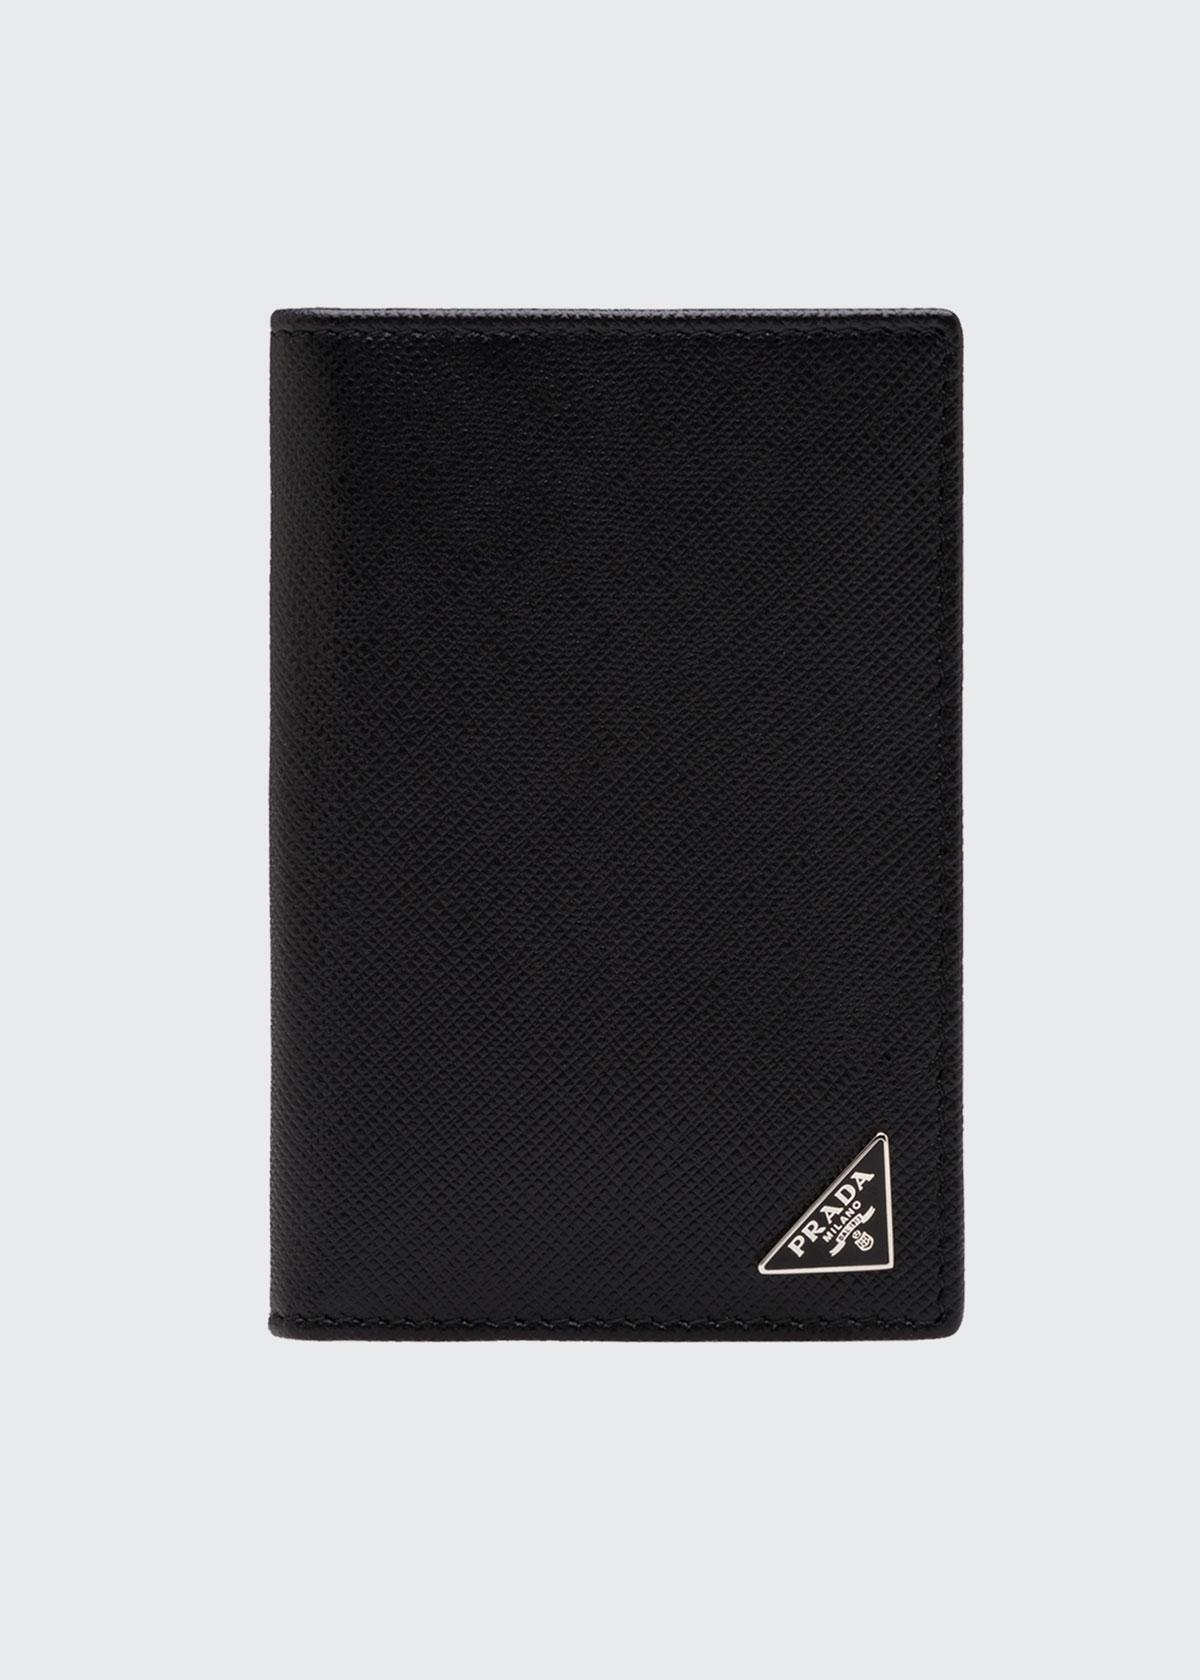 PRADA MEN'S SAFFIANO SLIM CARD HOLDER WALLET